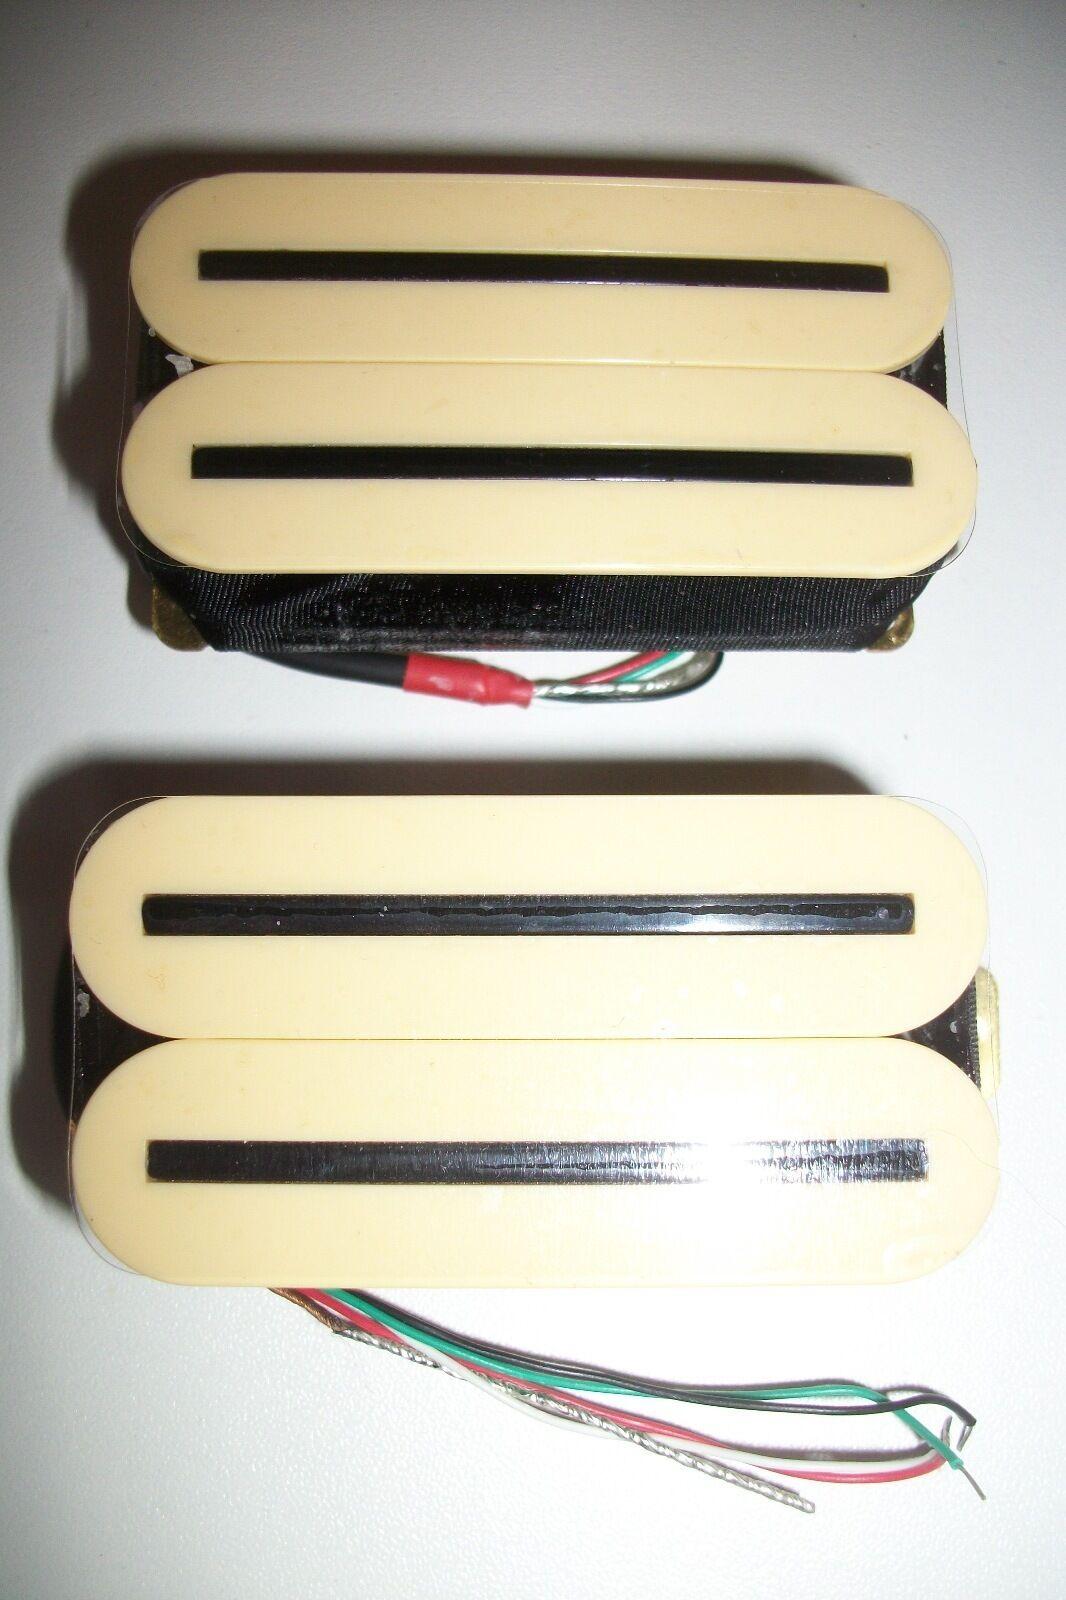 NEW set ARTEC HOT RAILS - HXTN - humbuckers cream color - rails nickel black